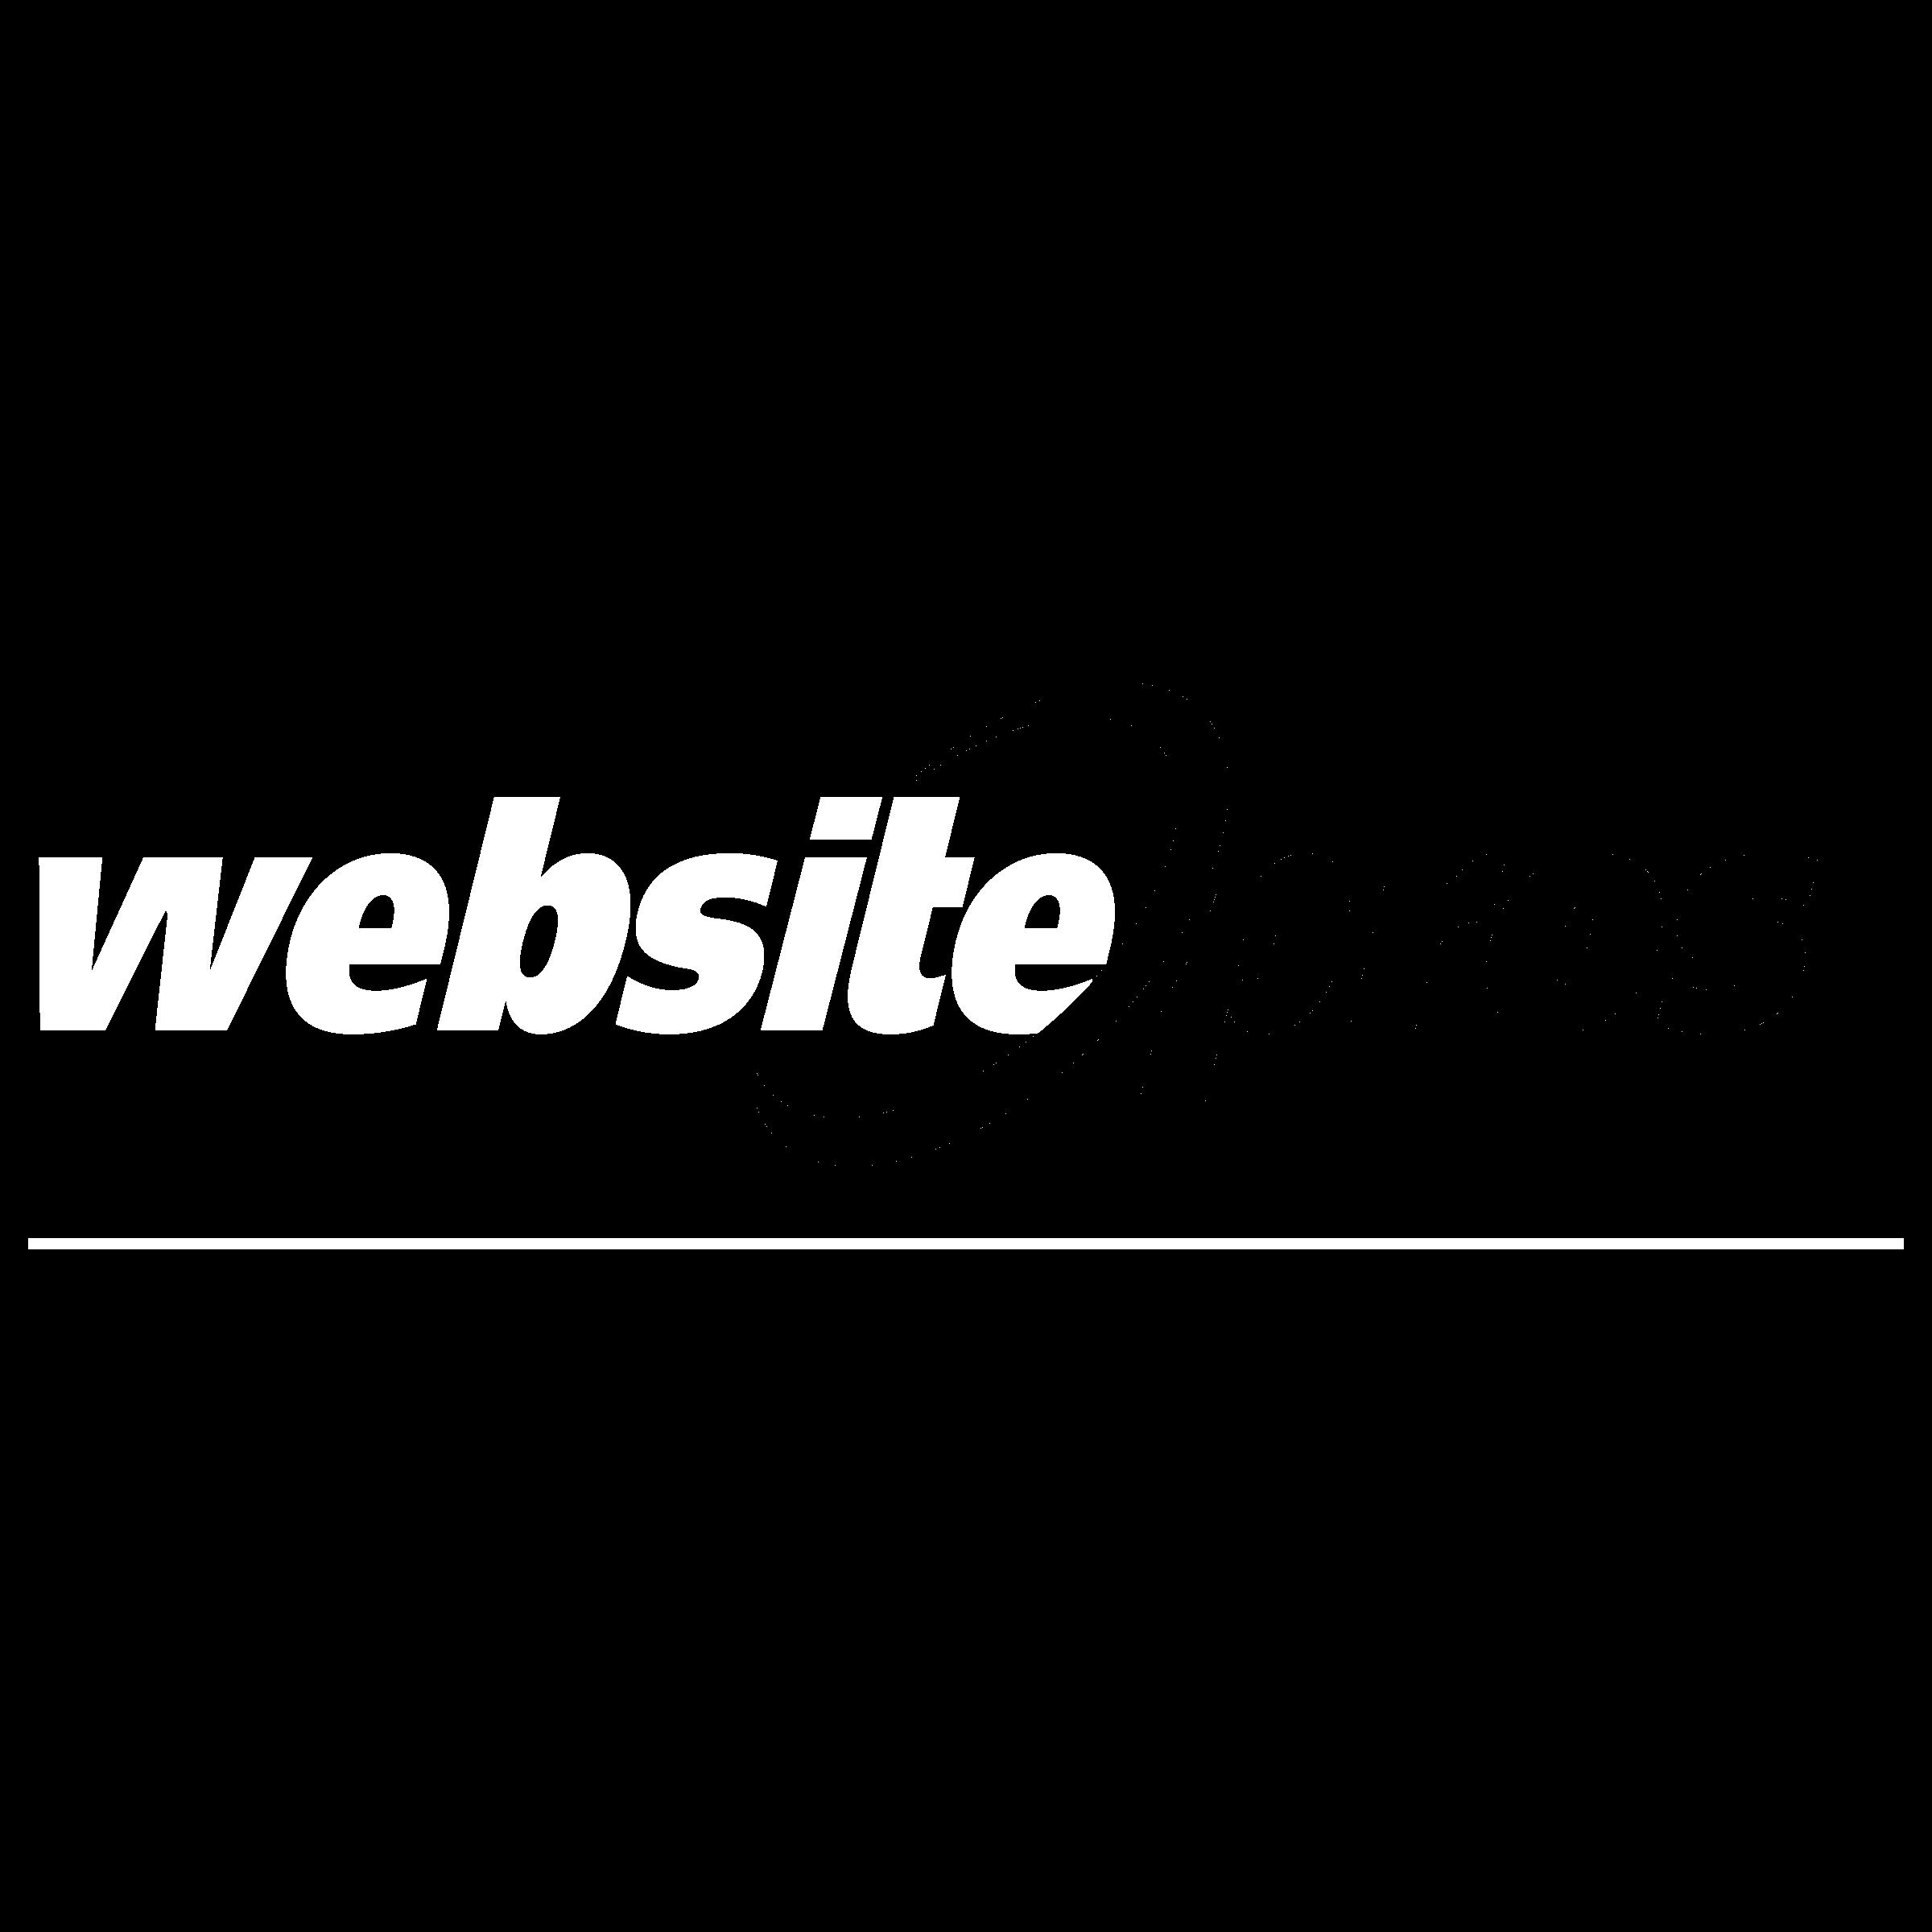 Website Pros Logo PNG Transparent & SVG Vector.